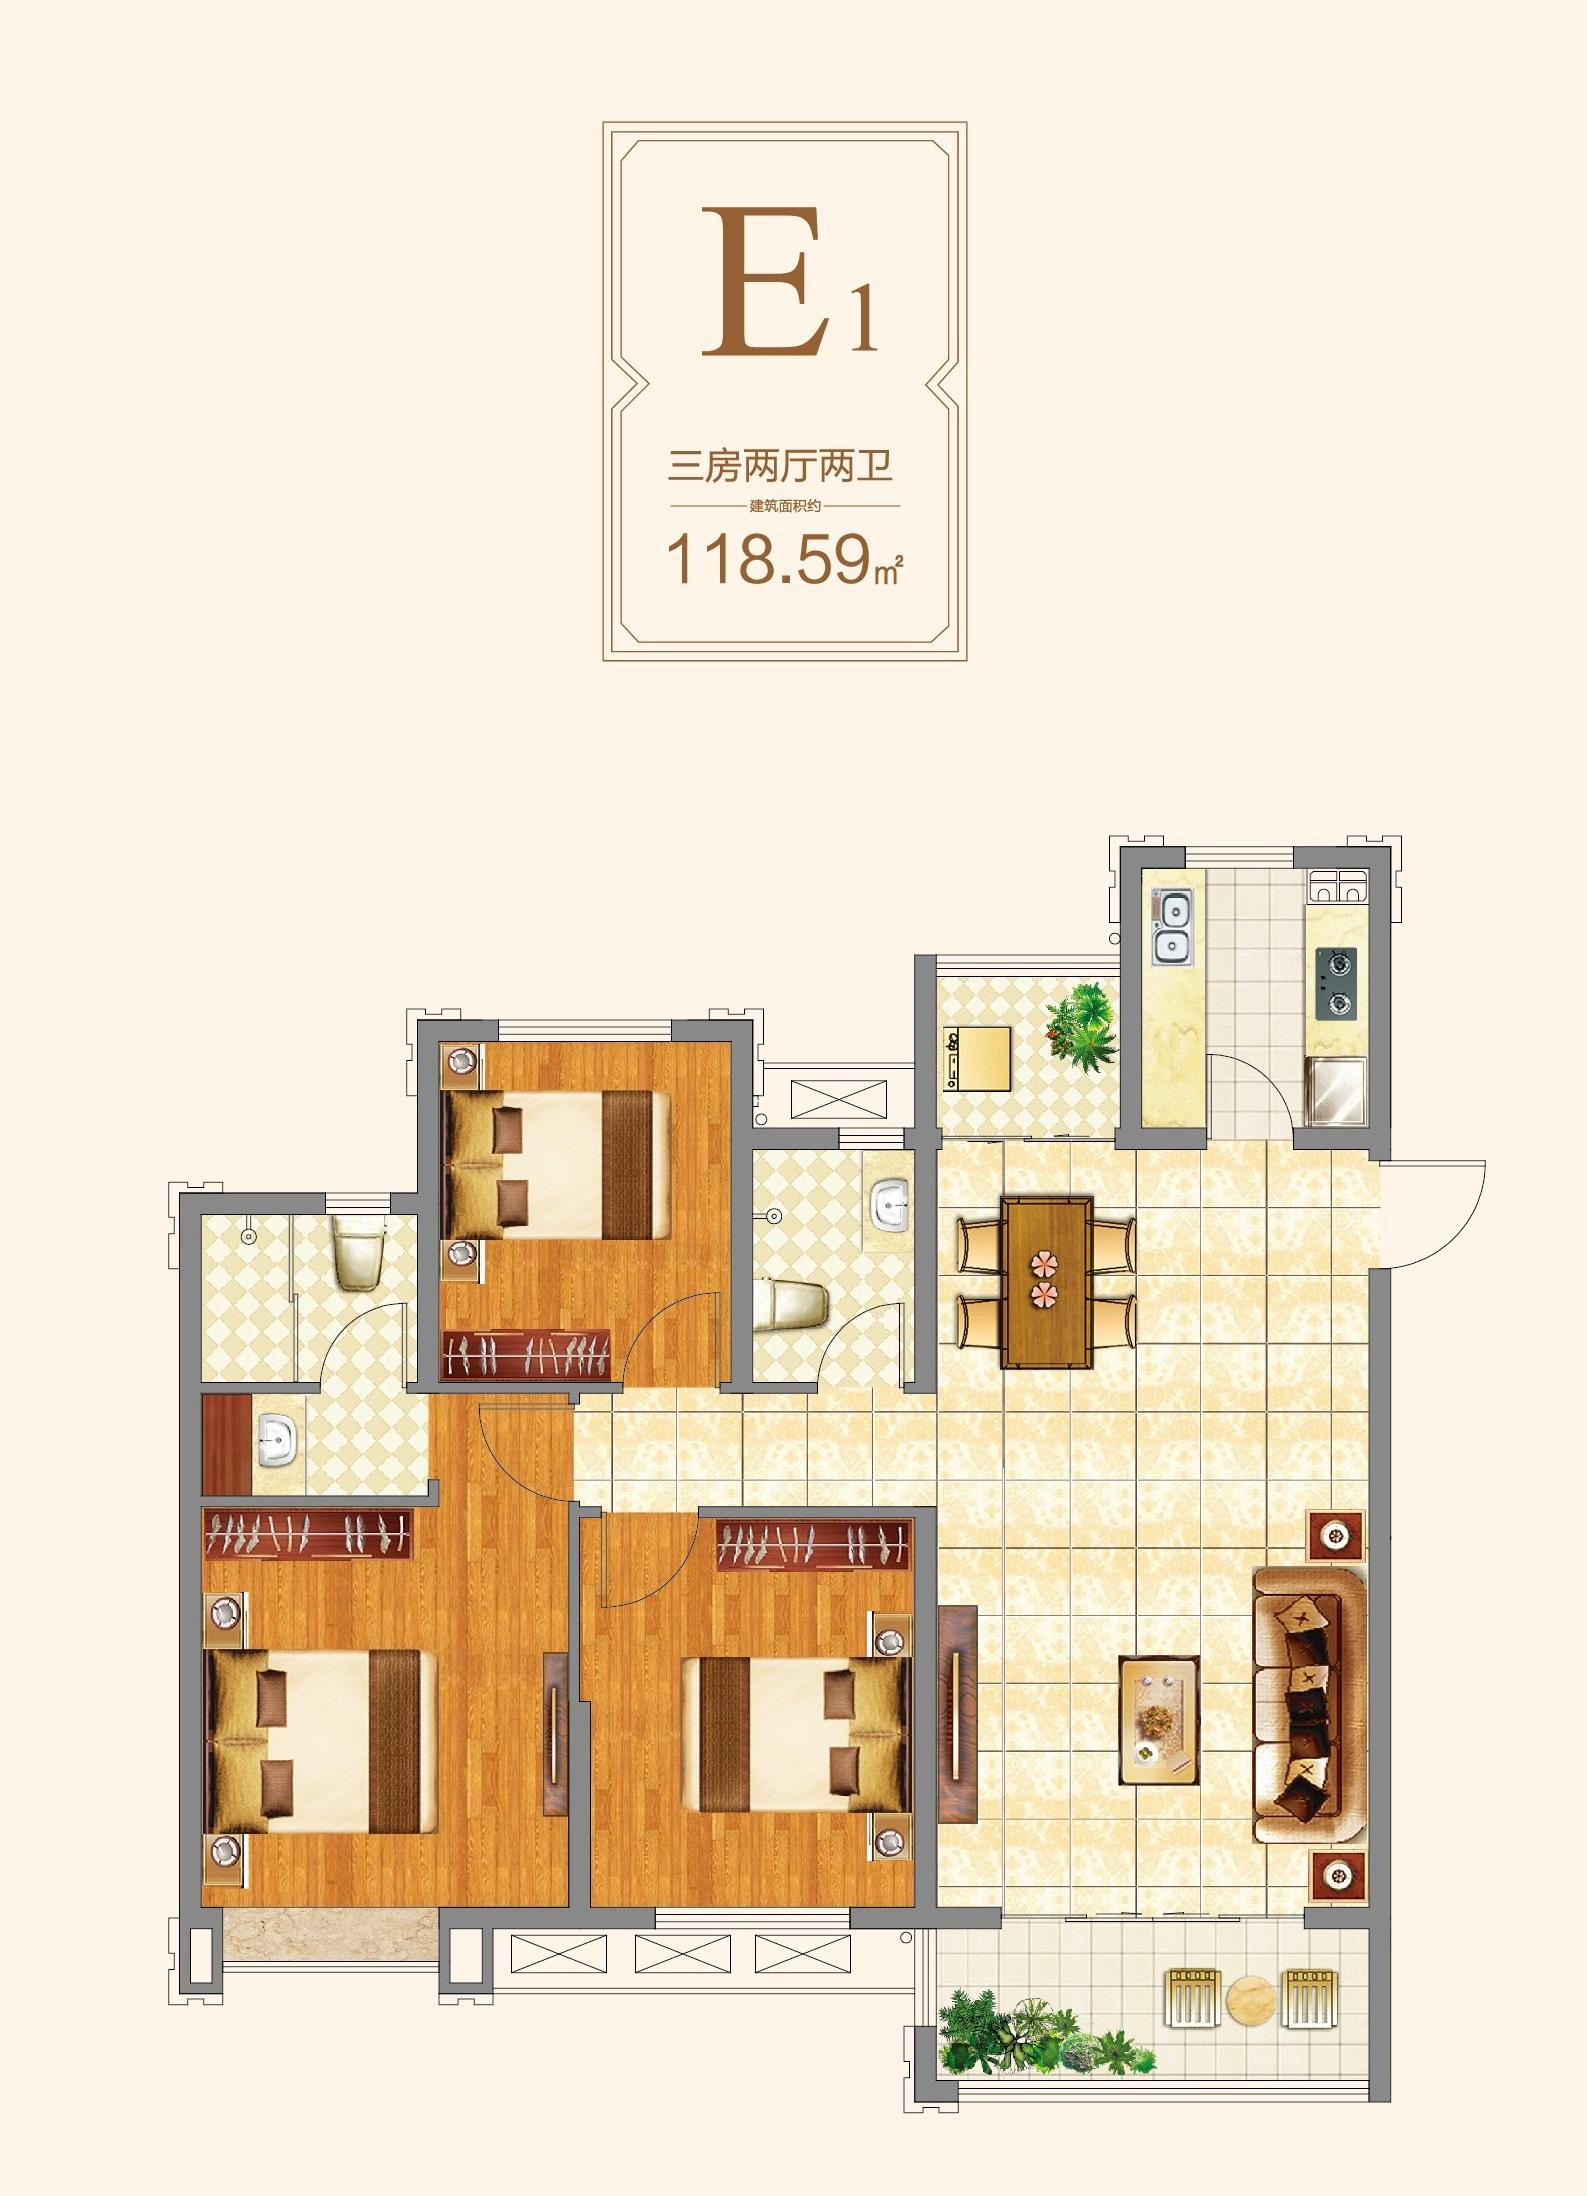 信德悦城E1户型图-118.59